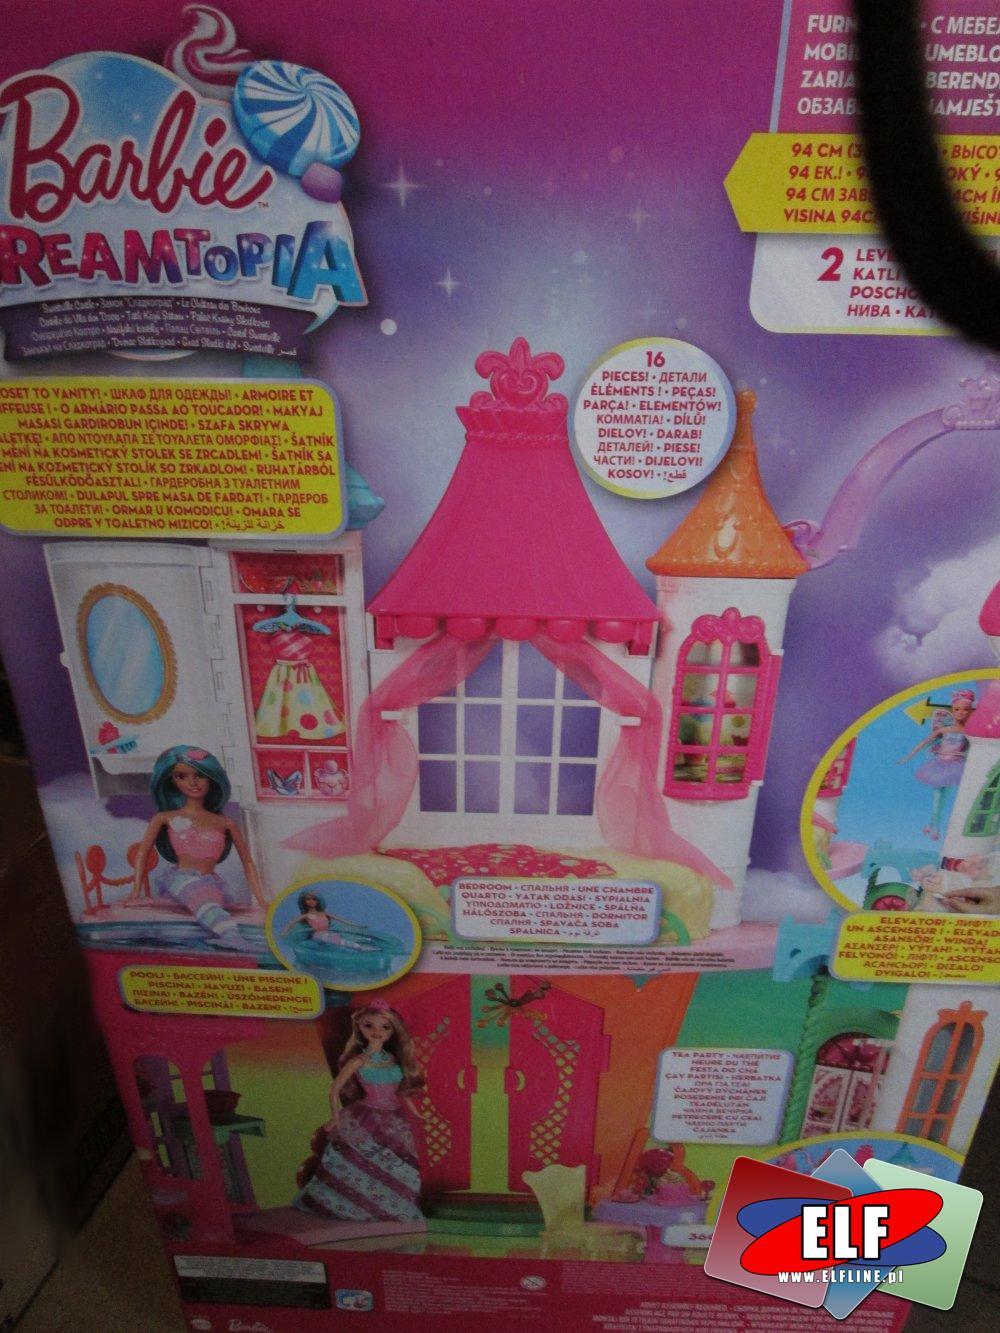 Barbie Dreamtopia, domek dla lalek, domki dla lalki, lalka